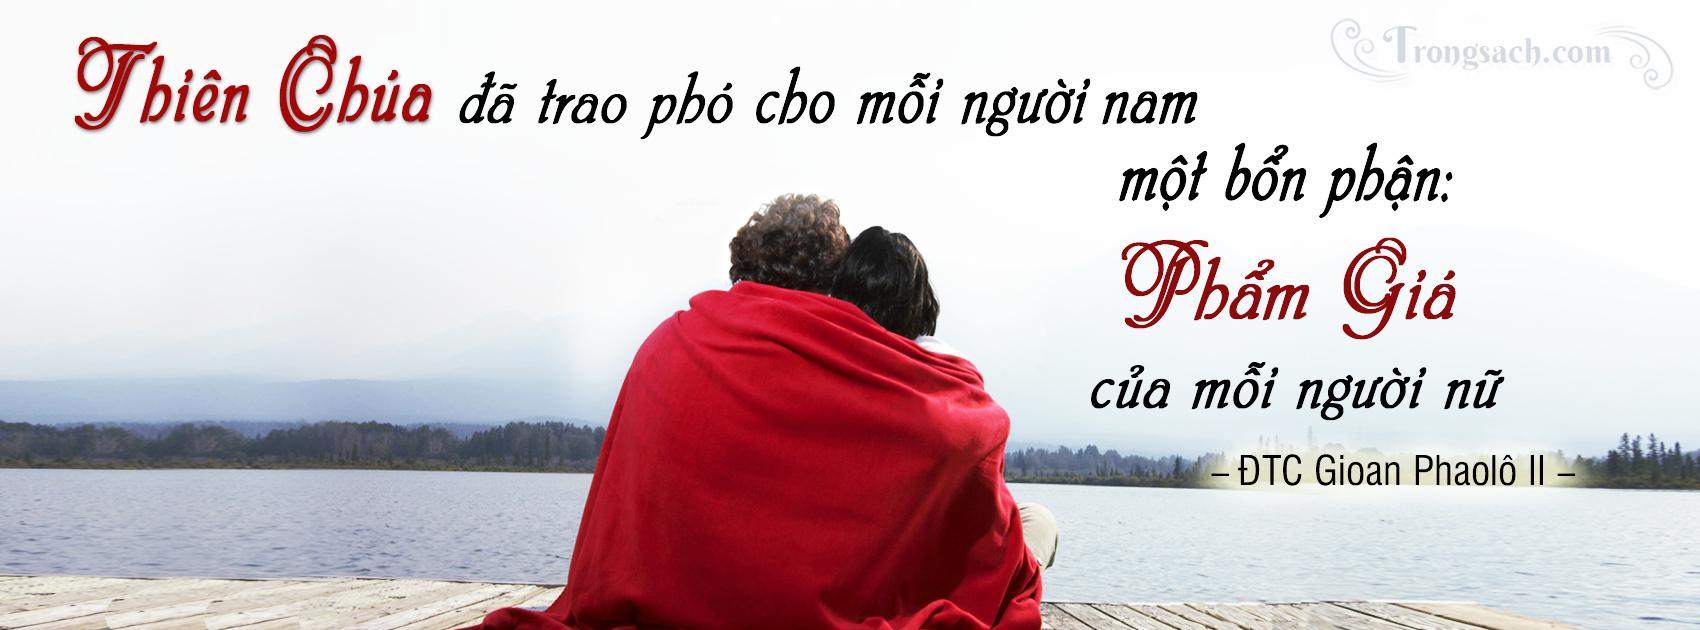 Thiên Chúa đã trao phó cho mỗi người nam một bổn phận: Phẩm Giá của mỗi người nữ. --ĐTC Gioan Phaolô II